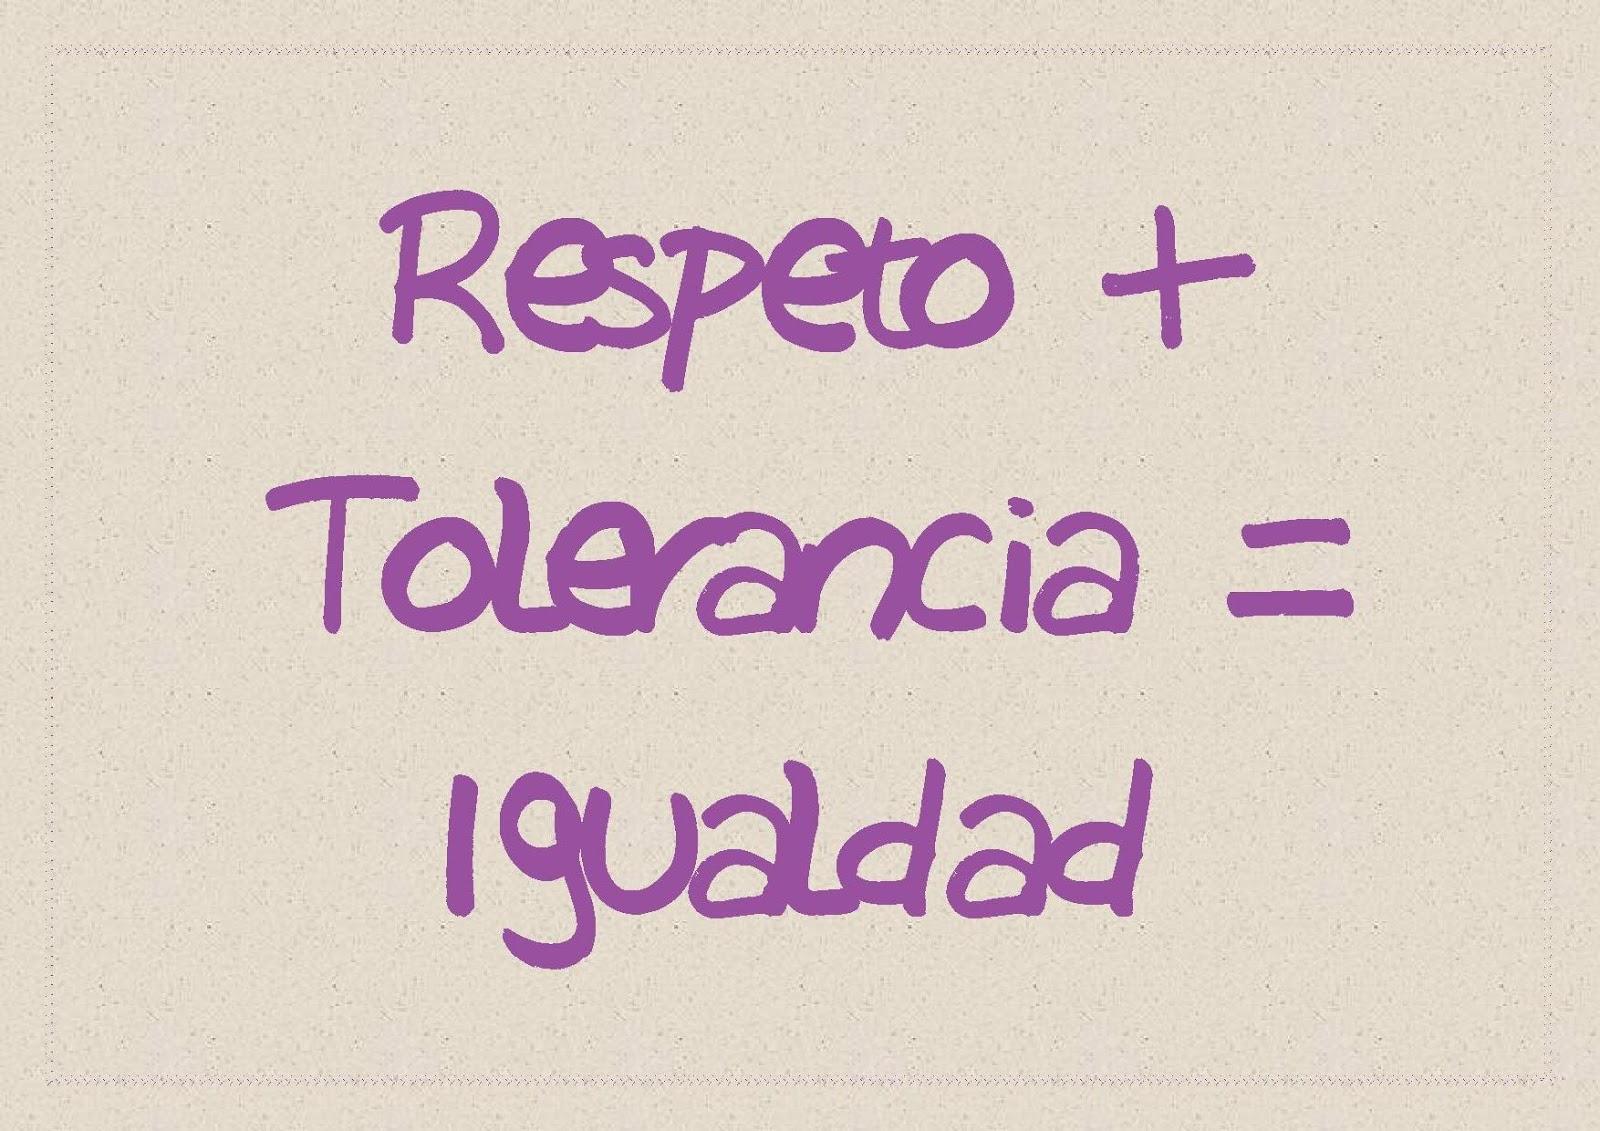 Respeto + Tolerancia = Igualdad